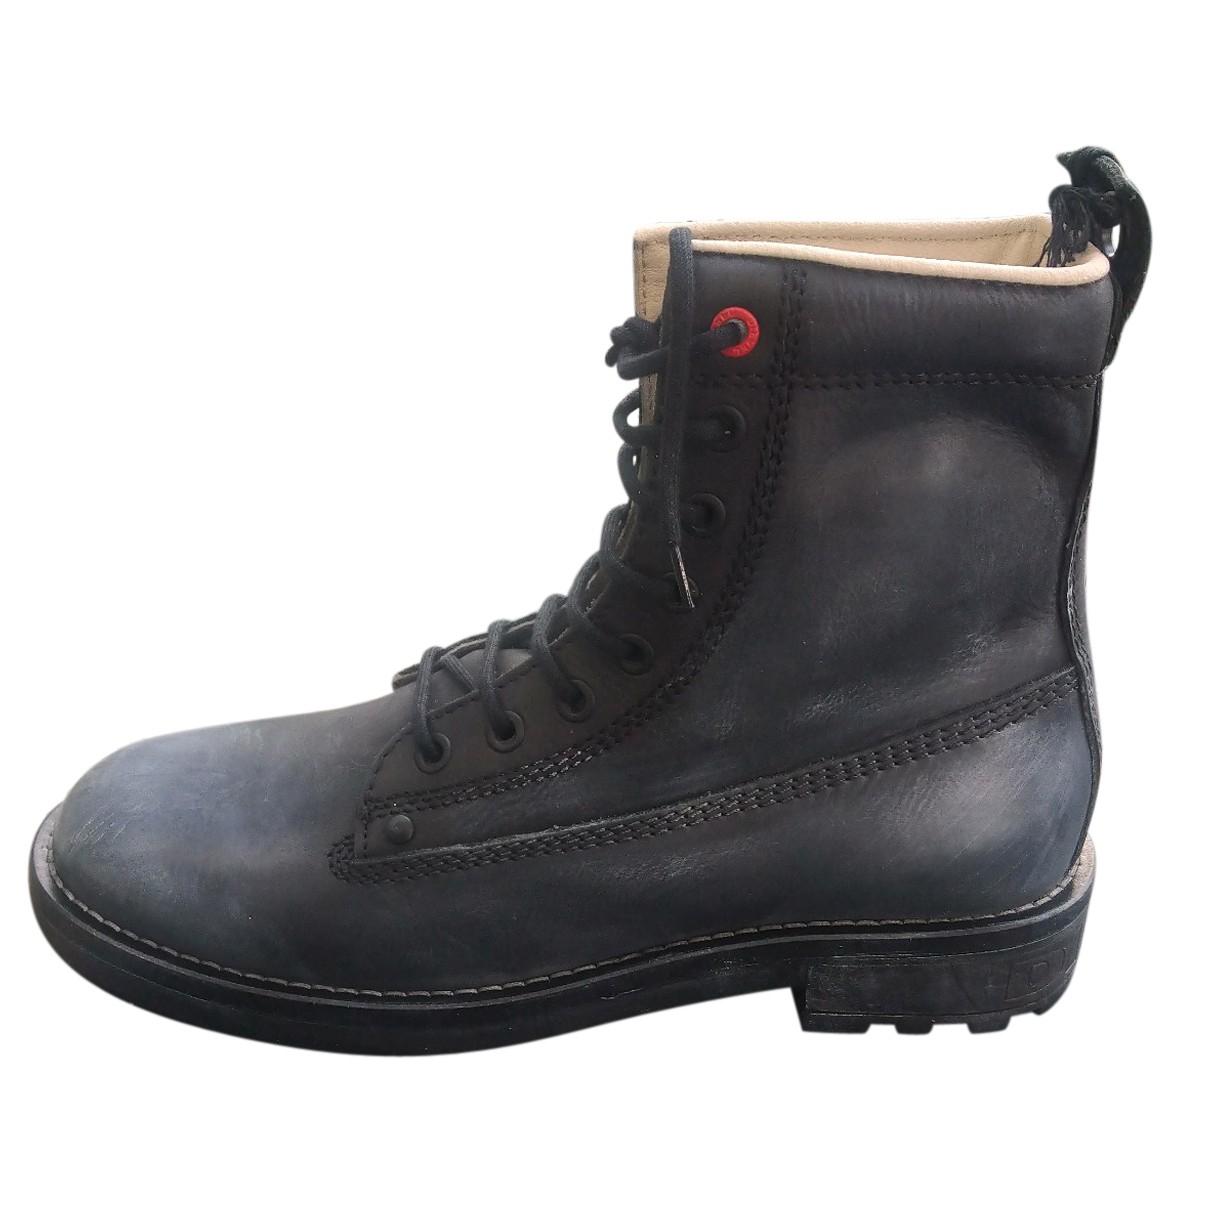 Diesel - Boots   pour femme en cuir - gris